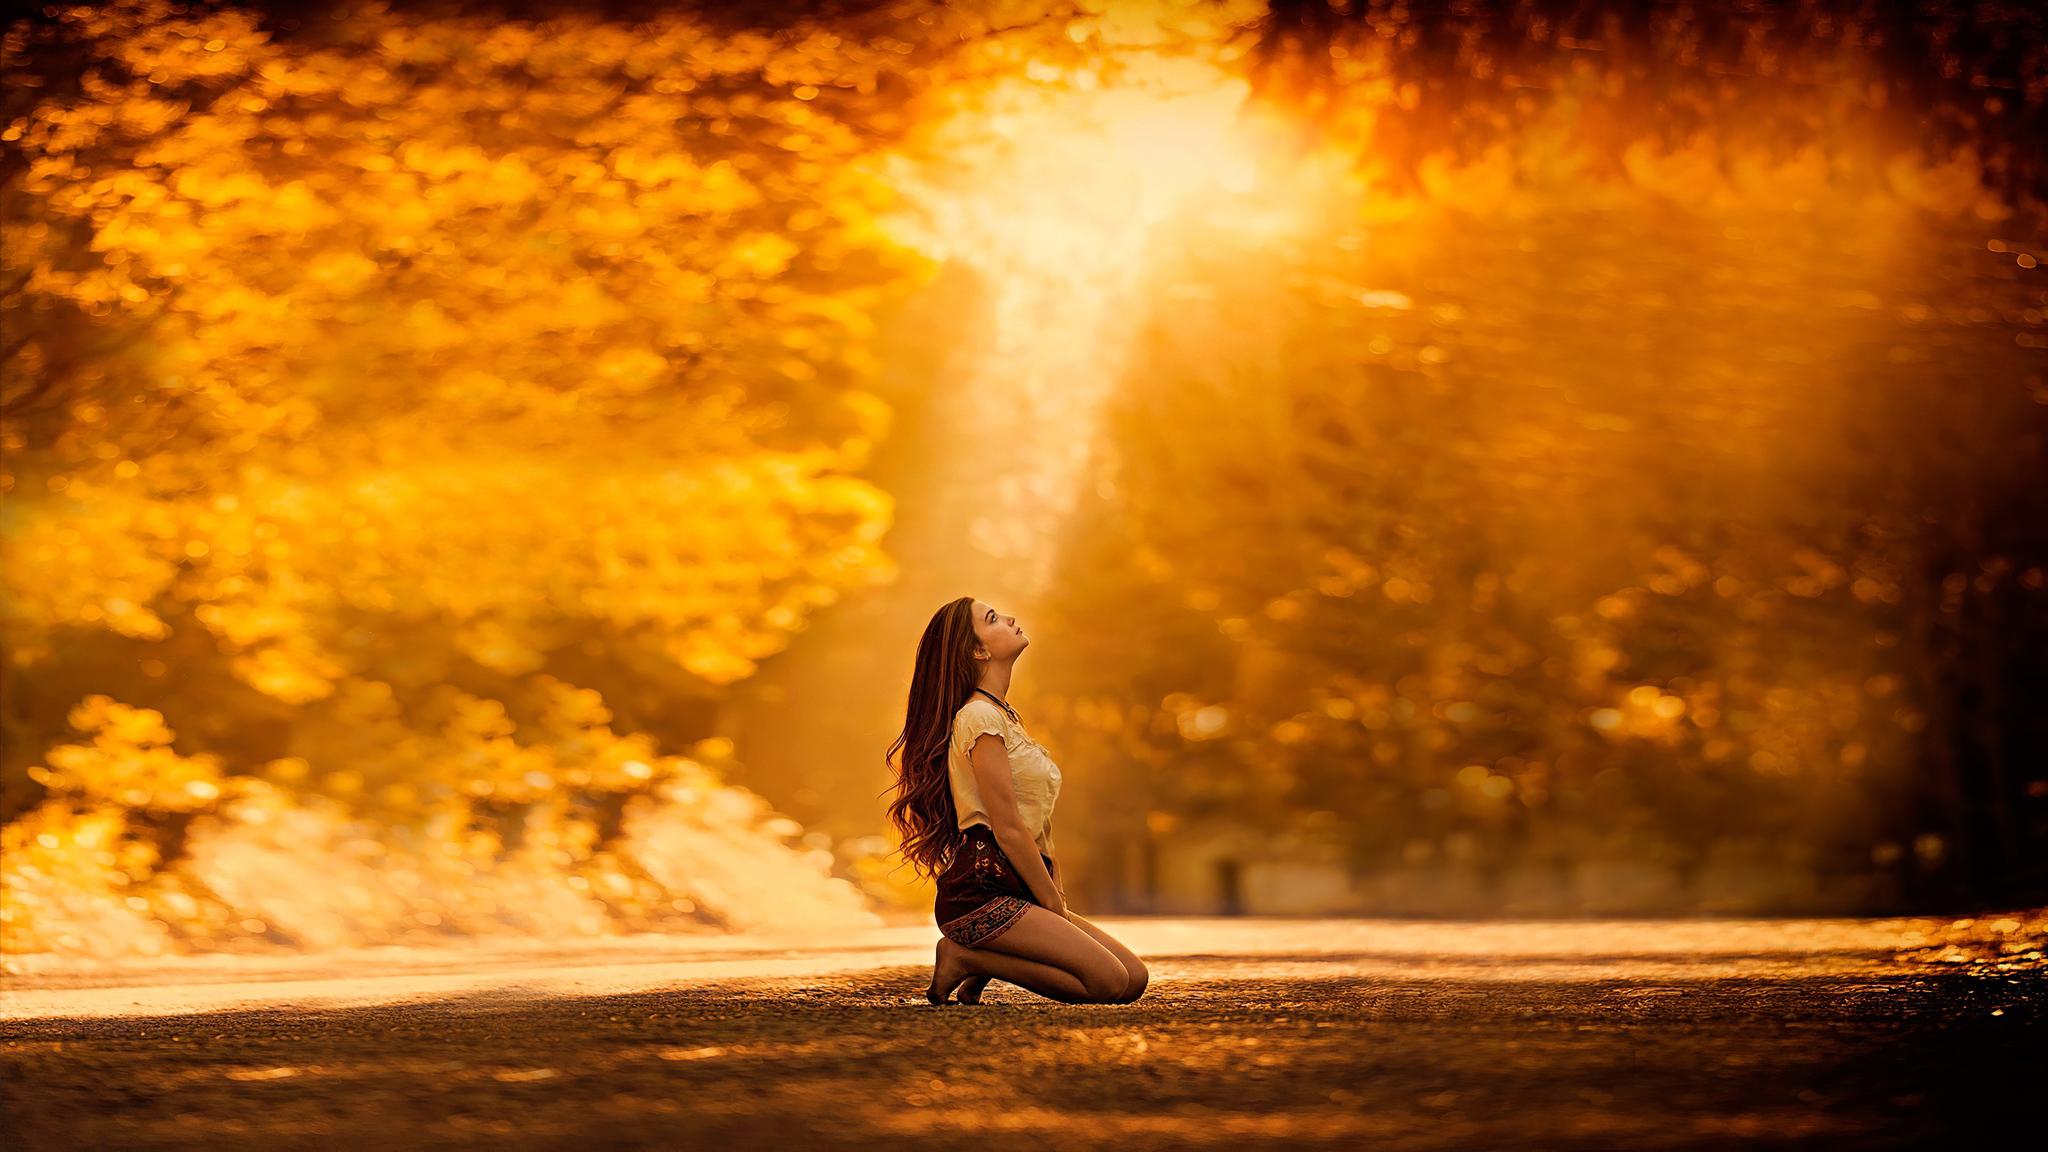 girl-kneeling-to-sky-4k-d8.jpg